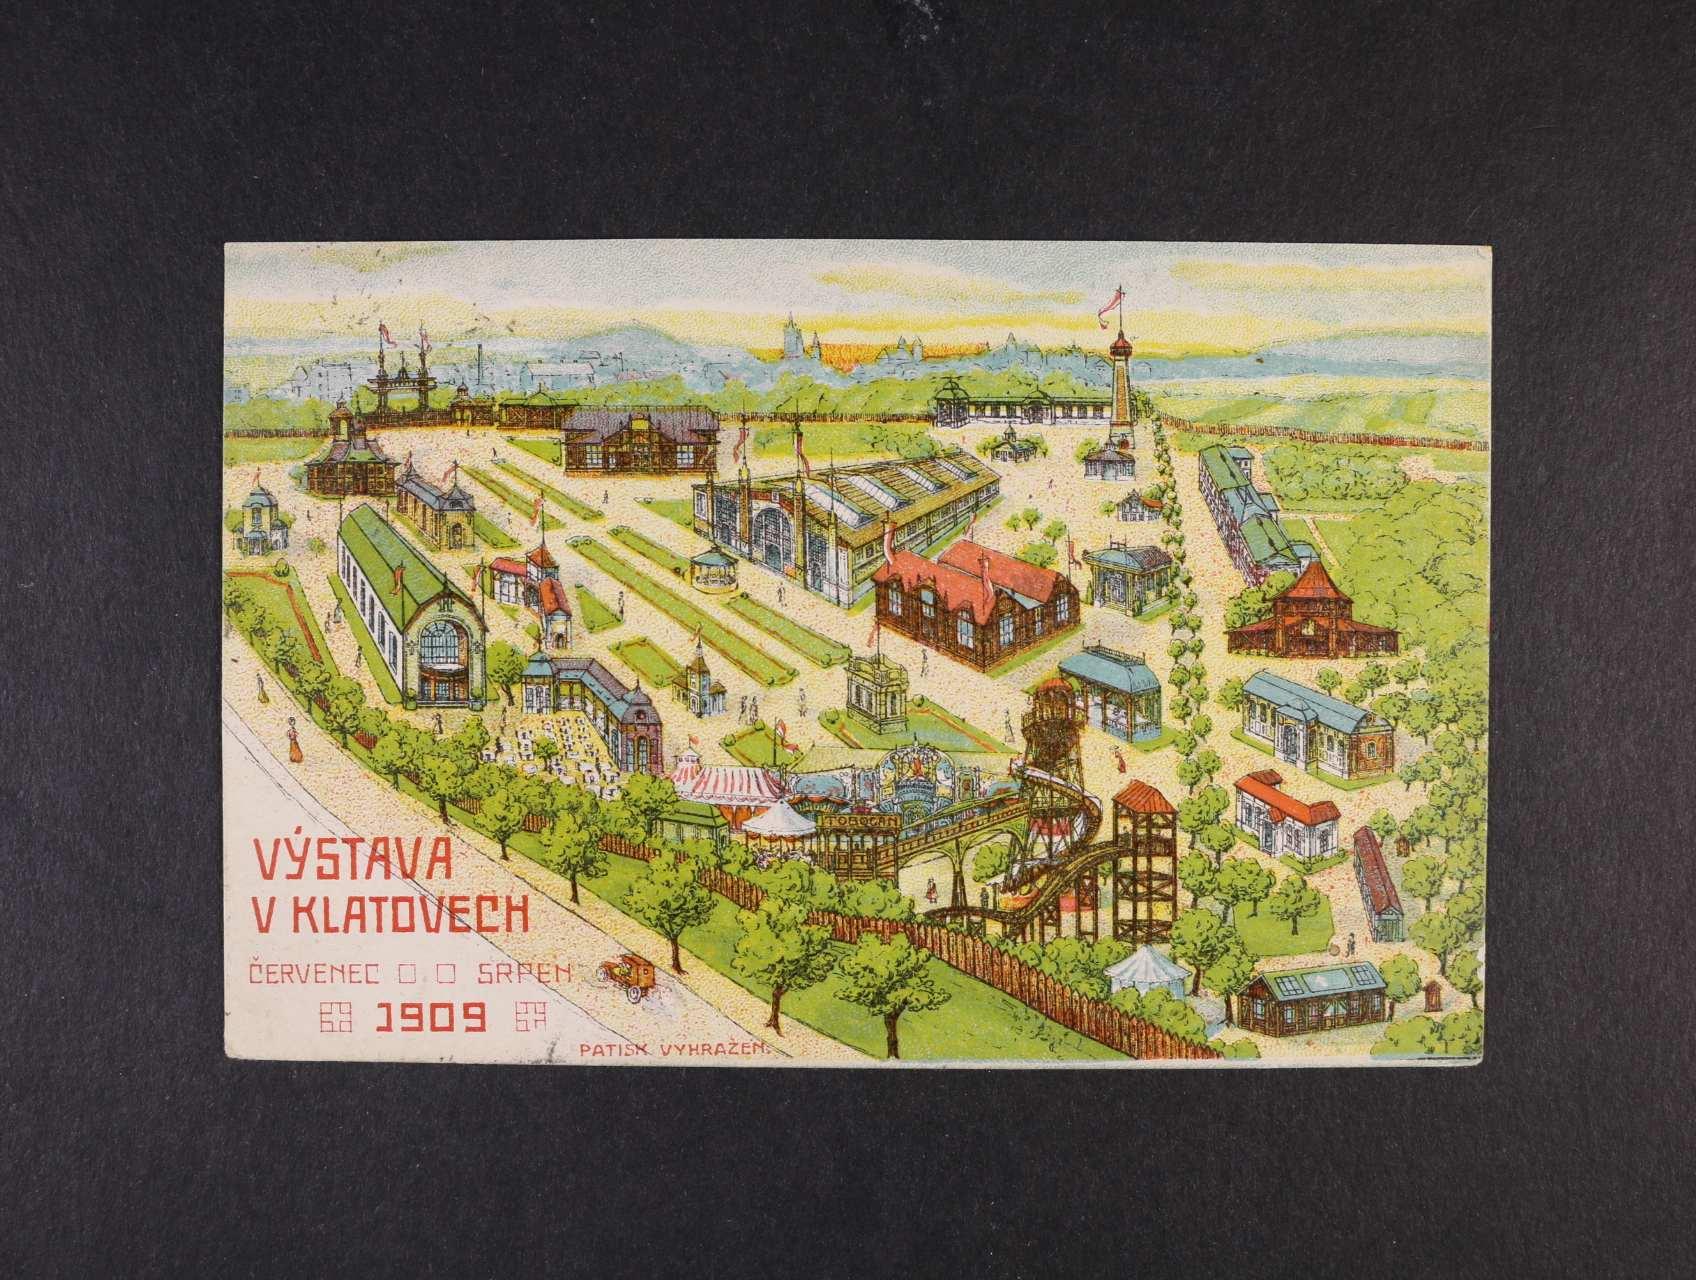 Výstavy  - Klatovy výstava 1909 - bar. pohlednice použitá 1909